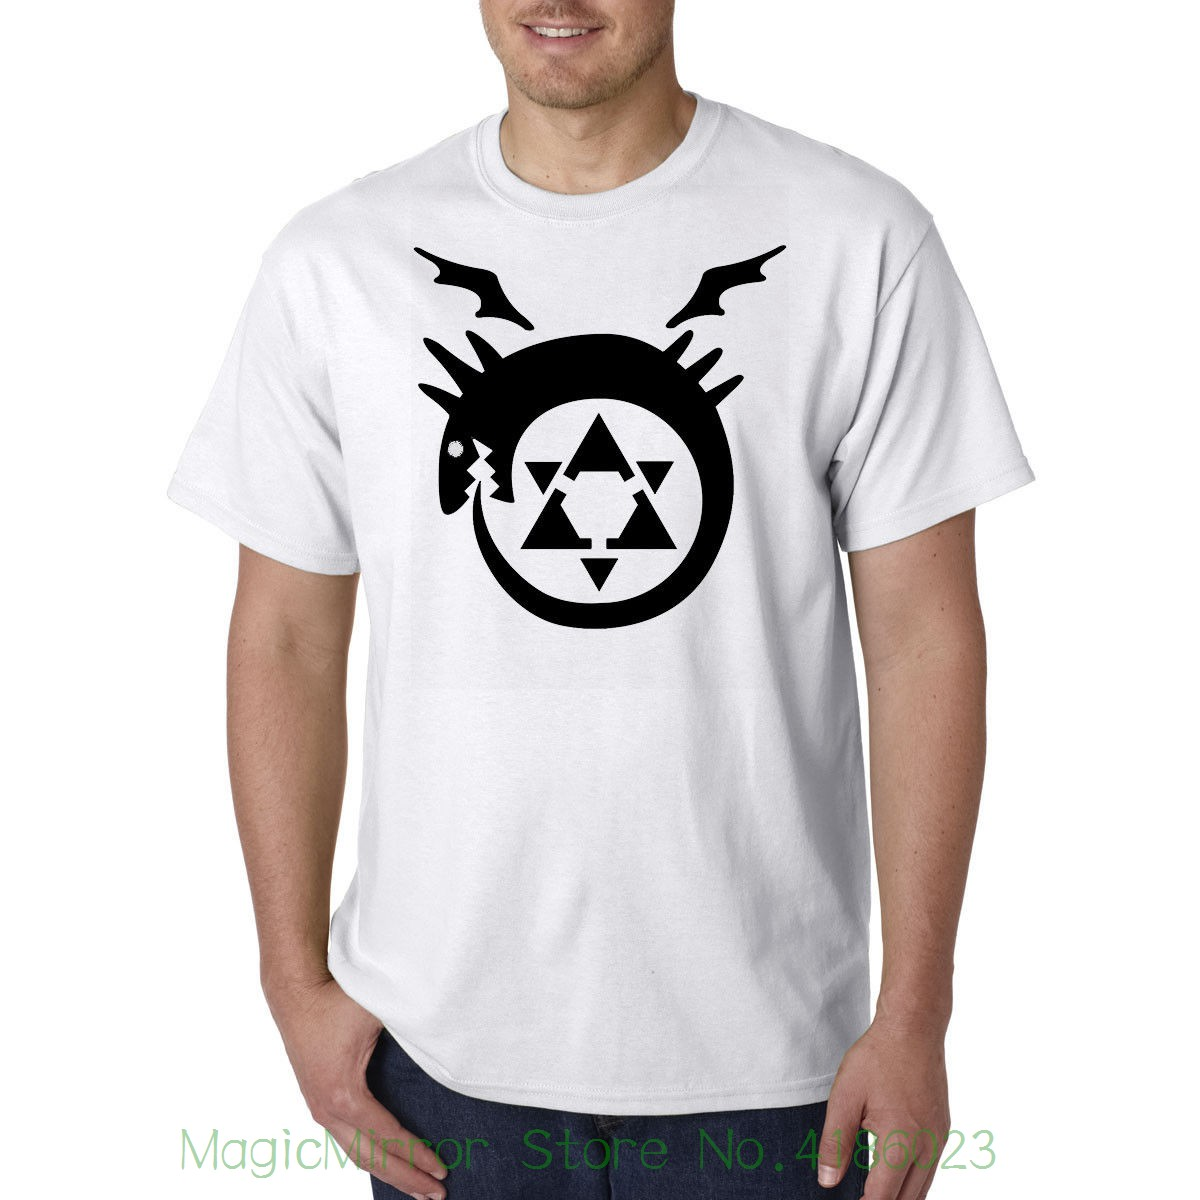 Стальной алхимик Дракон аниме ТВ-шоу Awesome футболка best подарок на день рождения Для мужчин бренд печатных 100% хлопок футболка